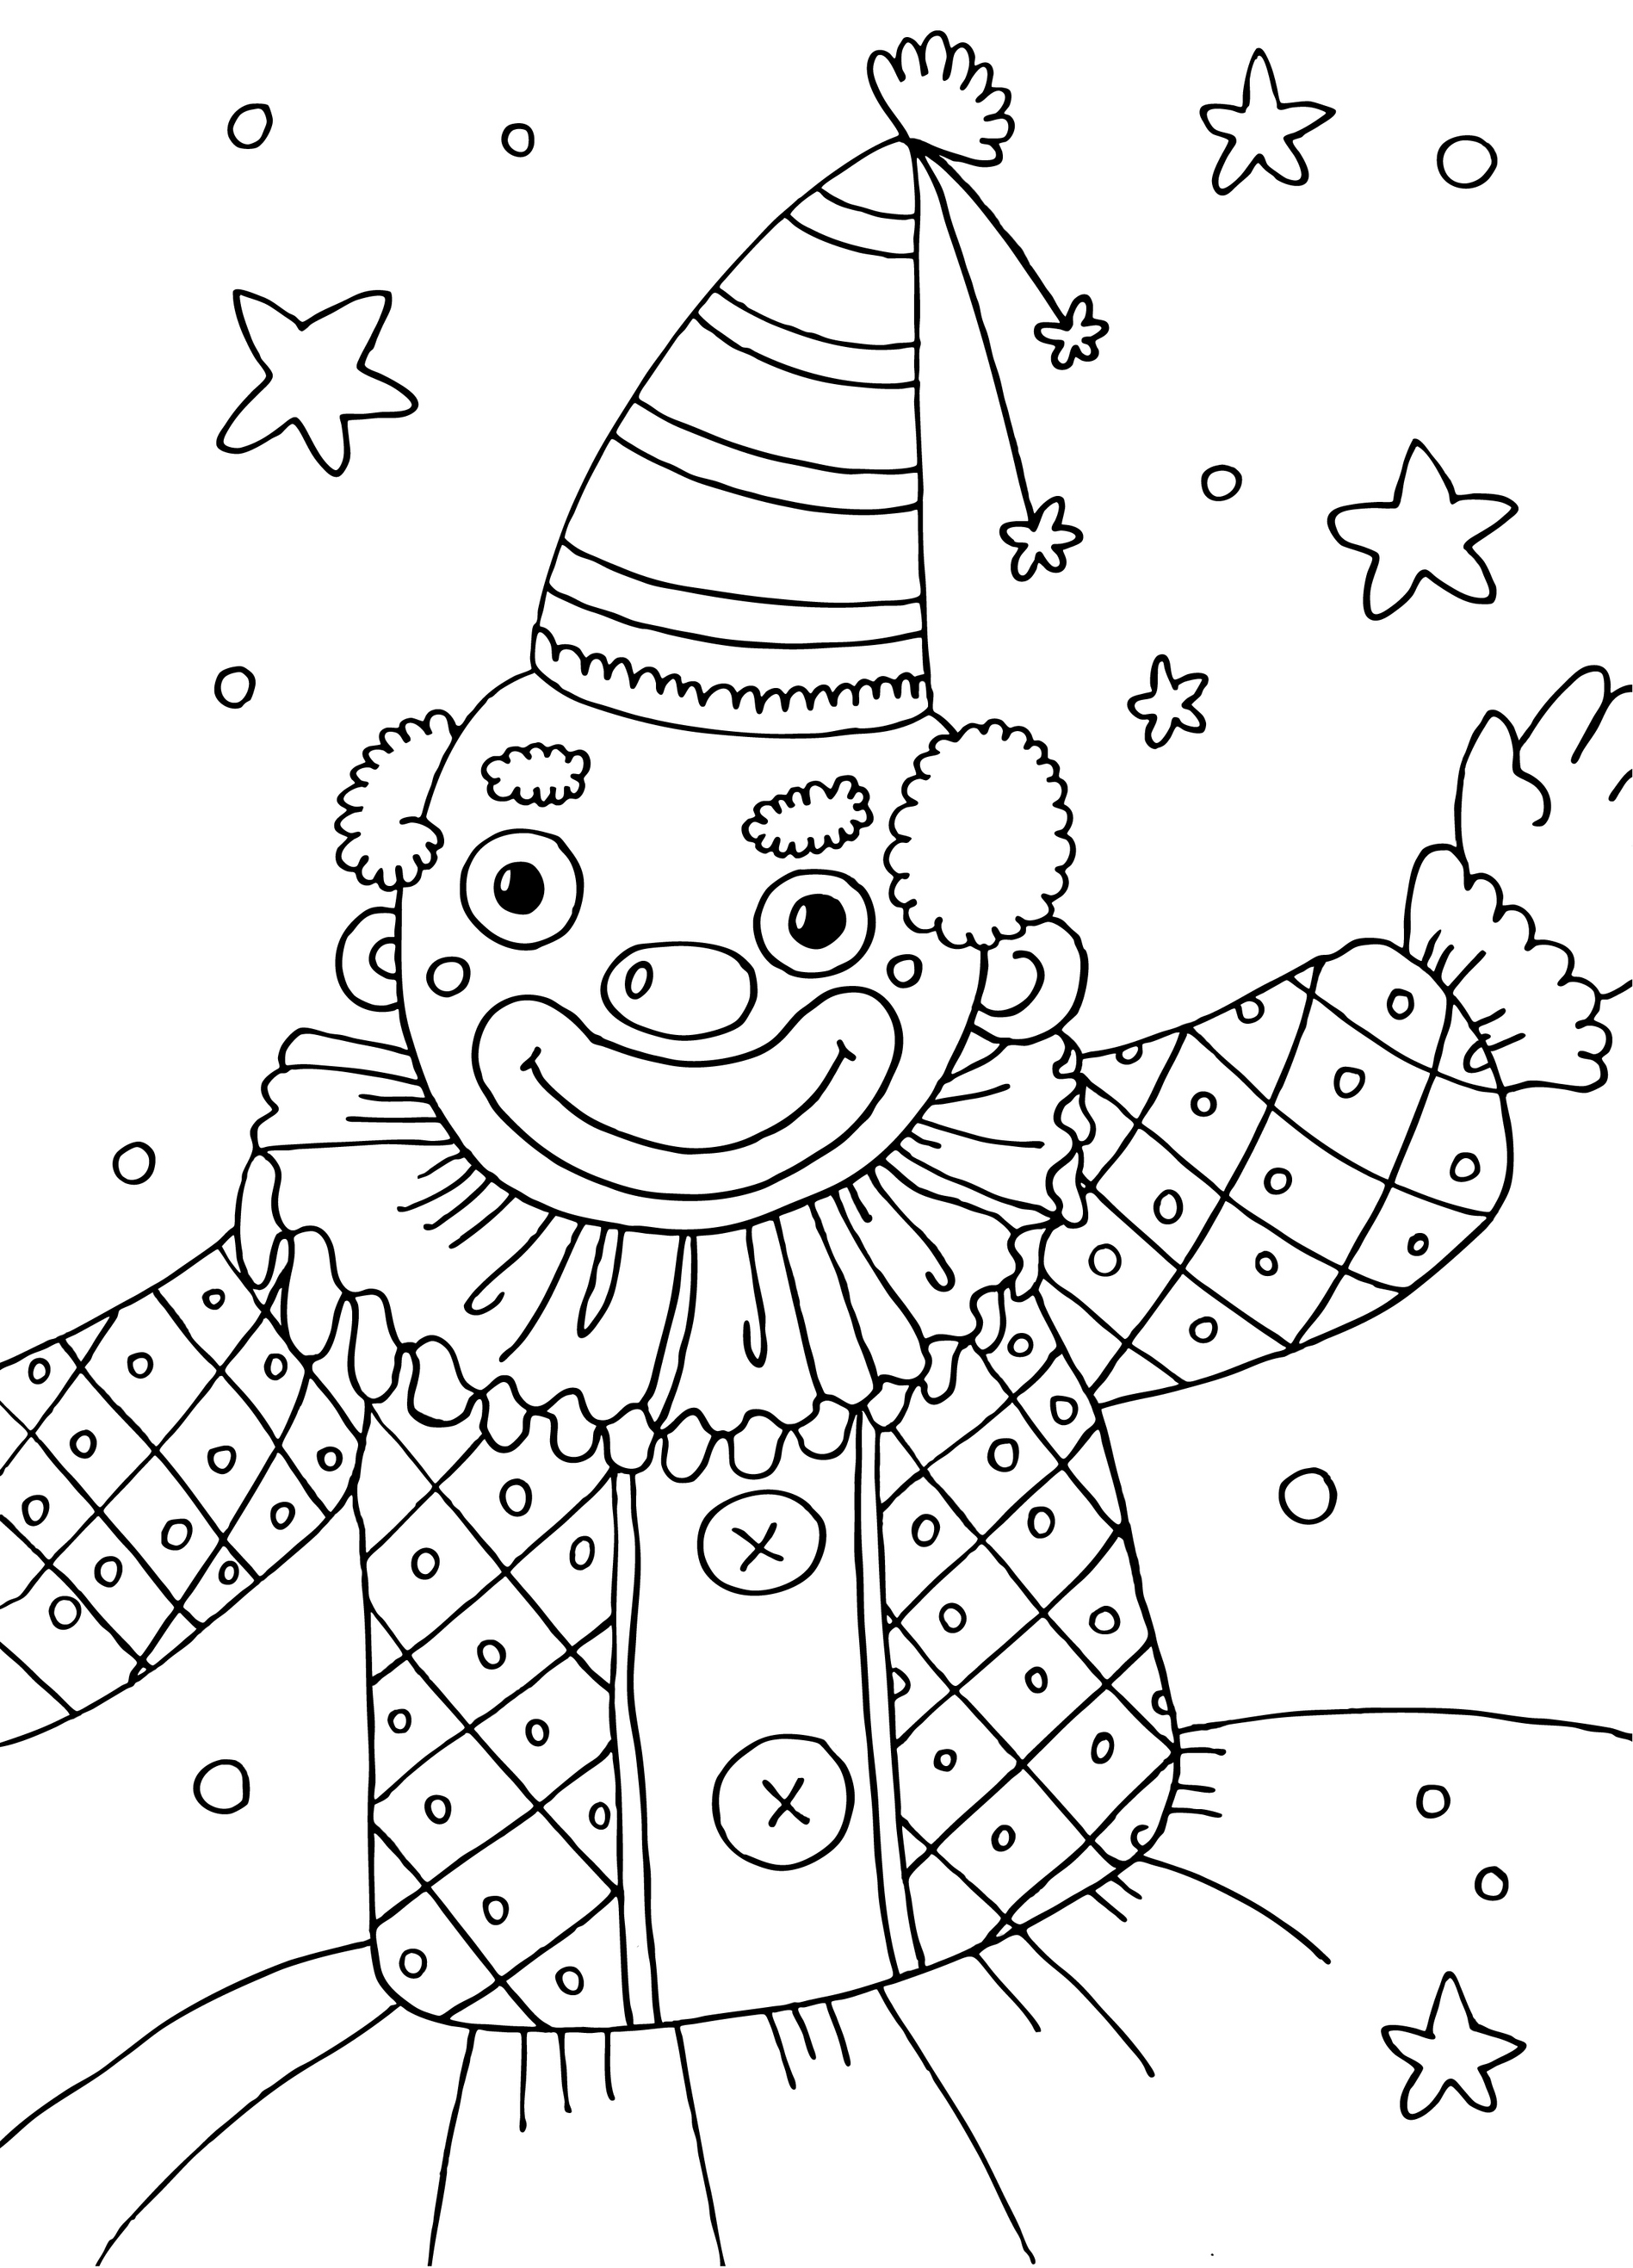 Sfatulparintilorro Planse De Colorat Pentru Copii Clownul